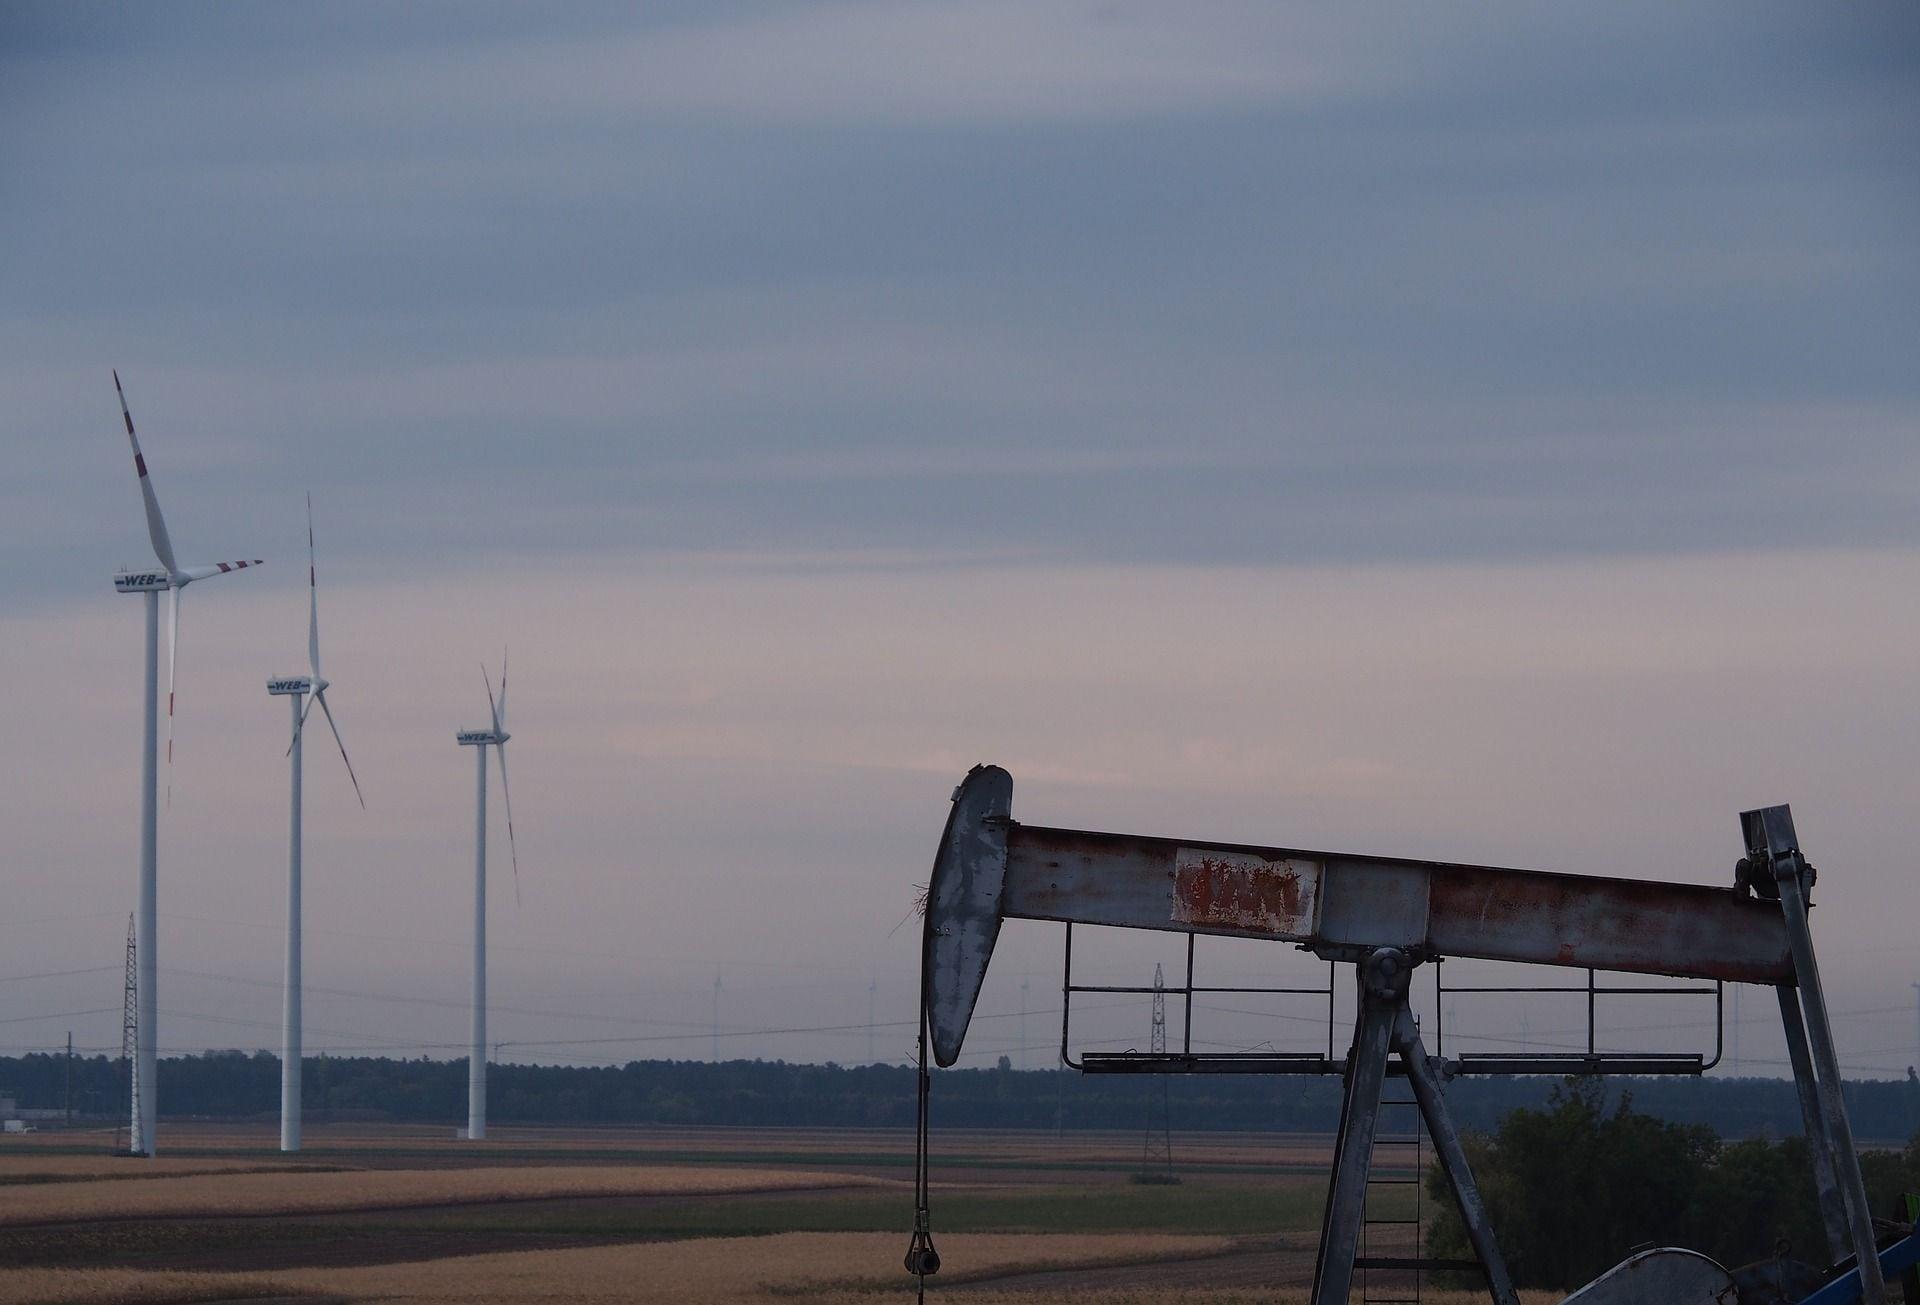 新エネルギー秩序、石油の時代の終わり?21世紀のパワー、クリーンエネルギーが地政学を塗り替える – The Economist